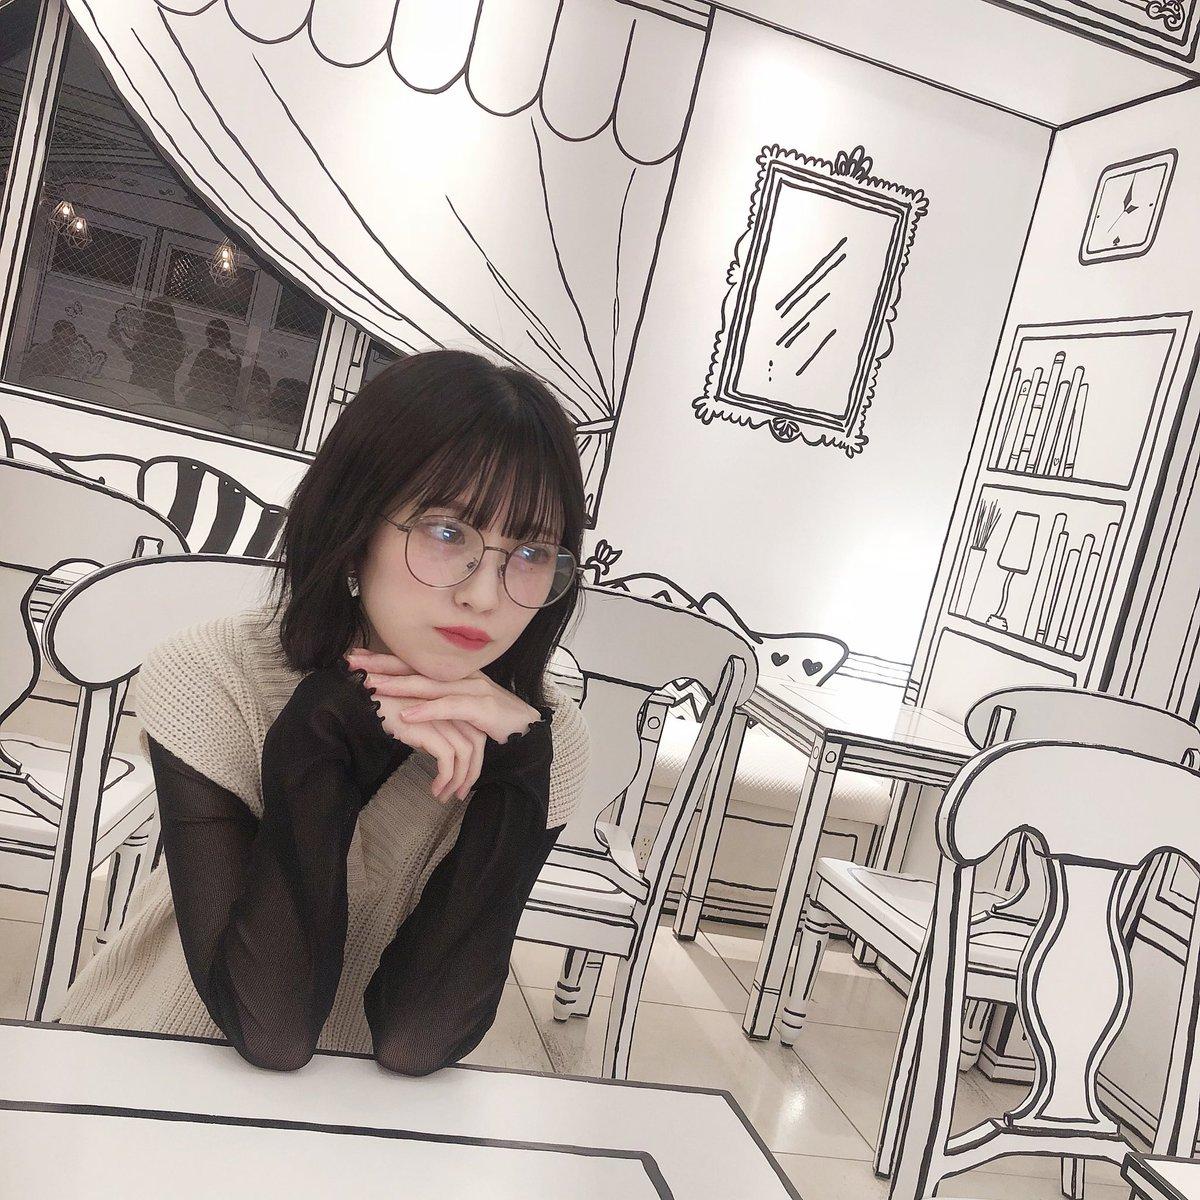 インスタにも載せたけども新大久保にある2D cafeがめちゃ絵本の中にいるみたいでかわいかった